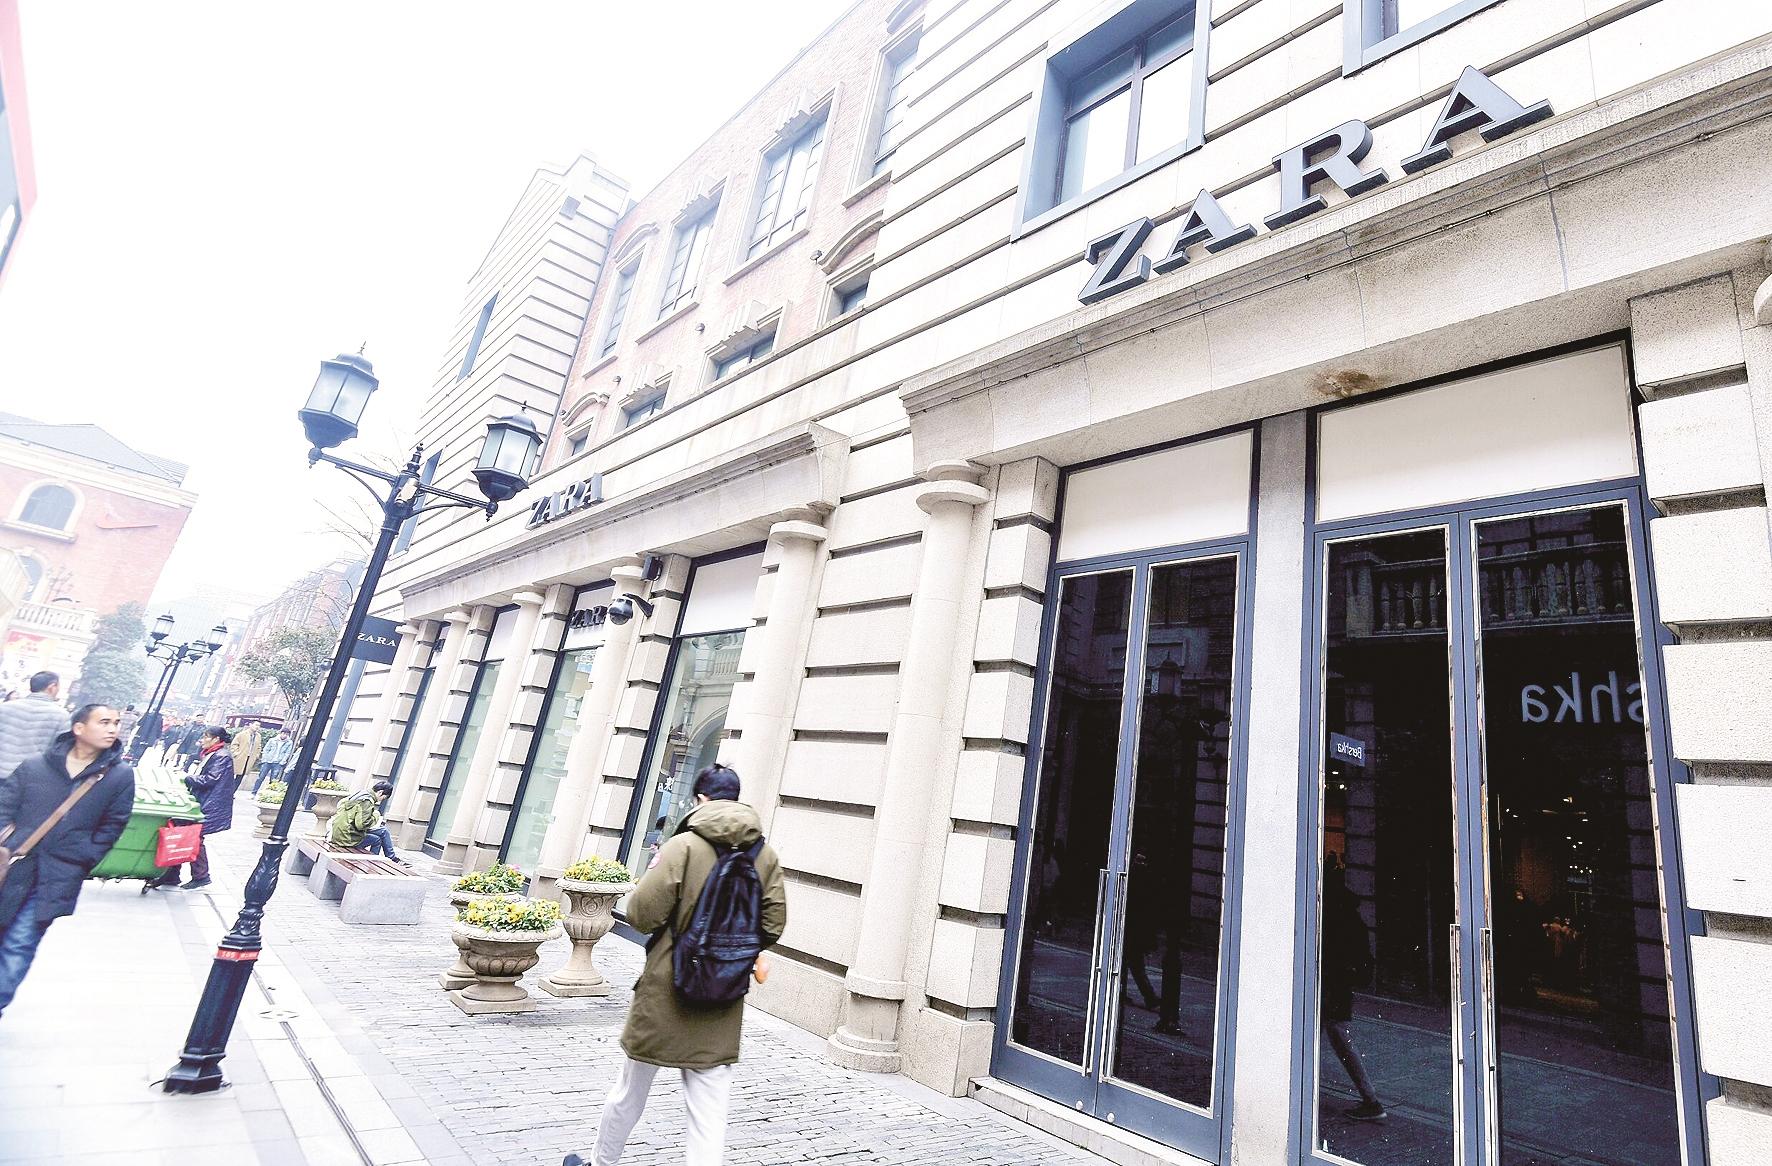 """ZARA武汉门店集体闭店 母公司称是""""升级改造""""  重新开业时间未定"""